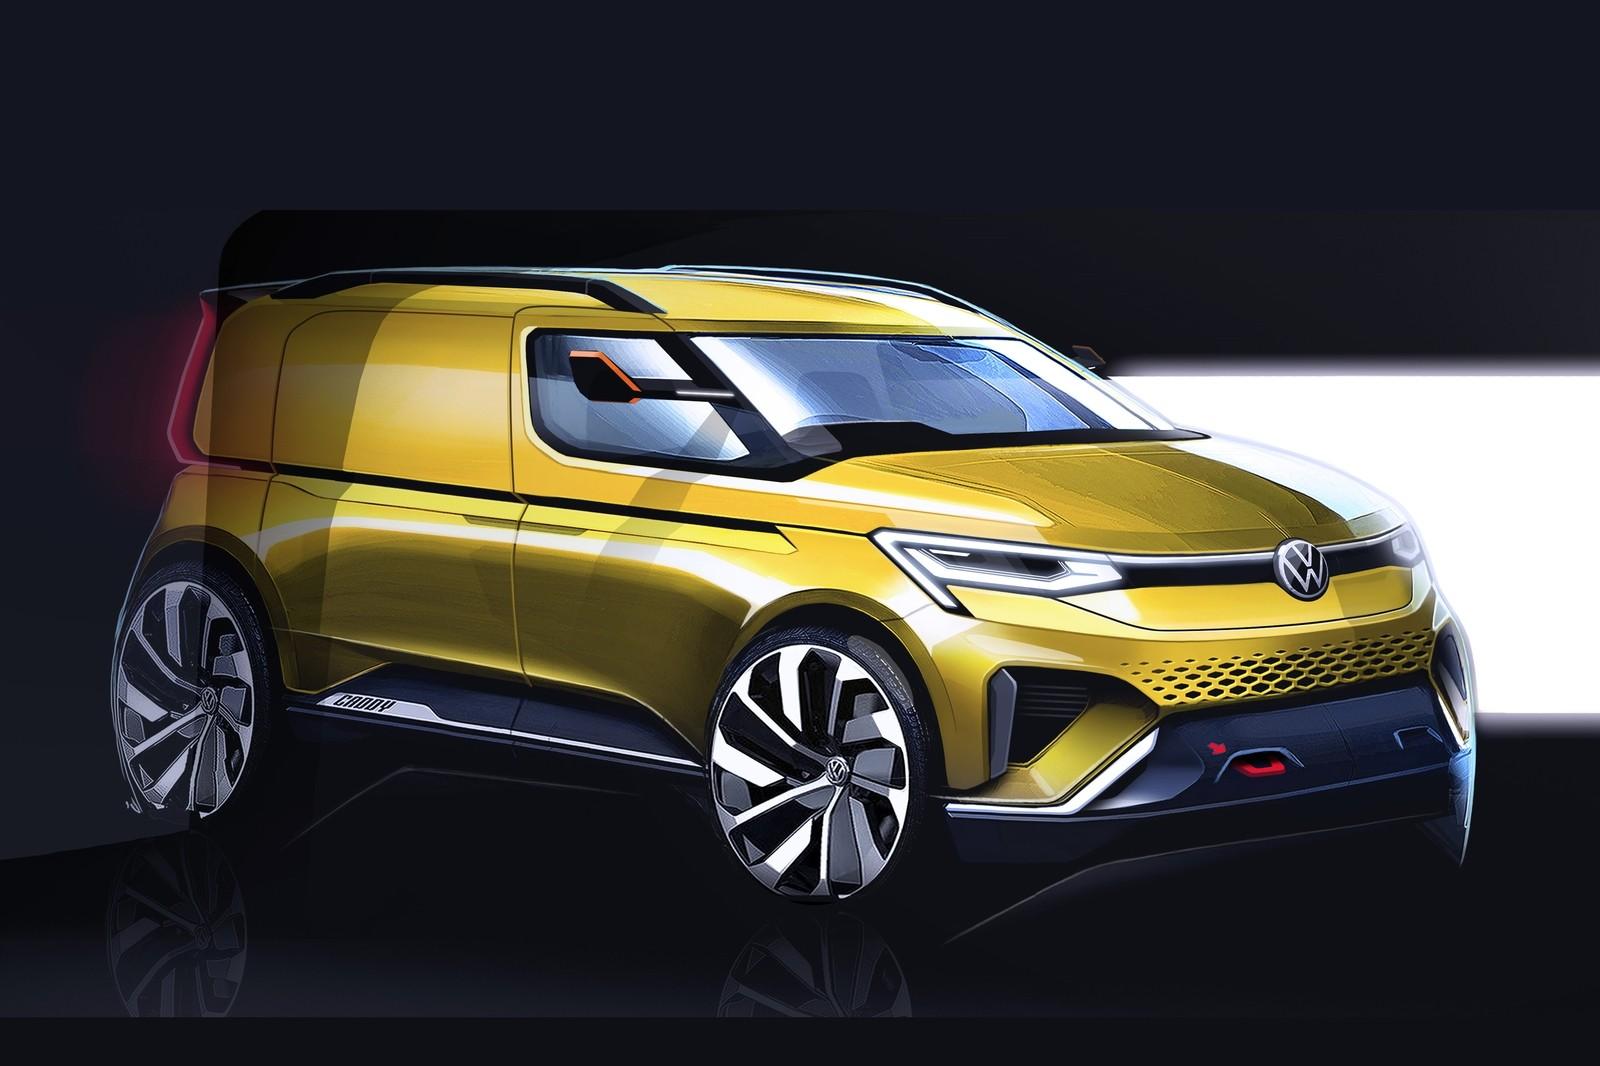 Говорим VW, подразумеваем Ford: анонсировано новое поколение «каблучков»